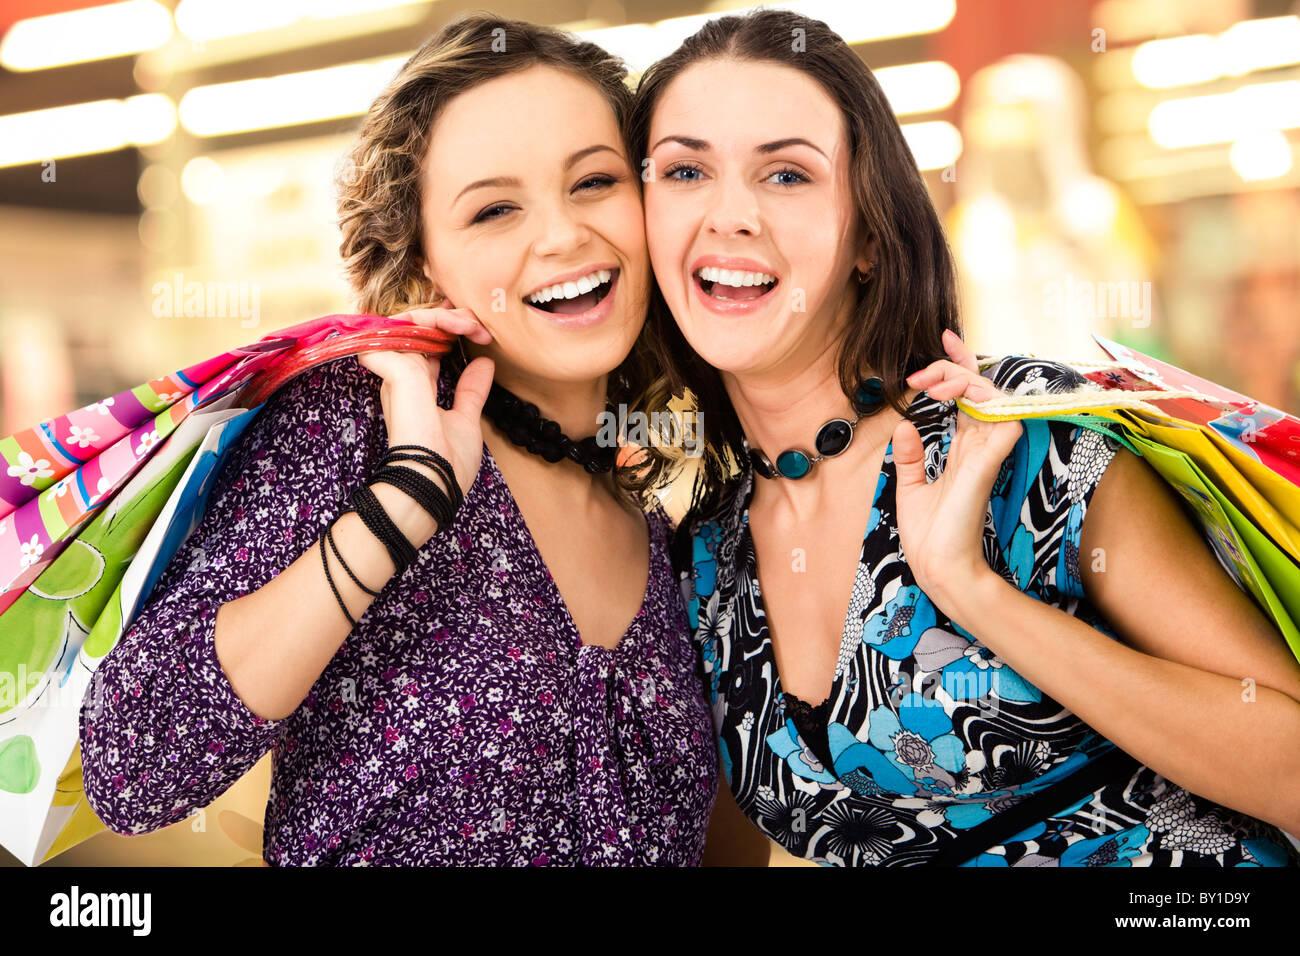 624d113f2d Gesichter der fröhlichen Damen im Einkaufszentrum Blick auf Kamera Amd  lachen Stockbild